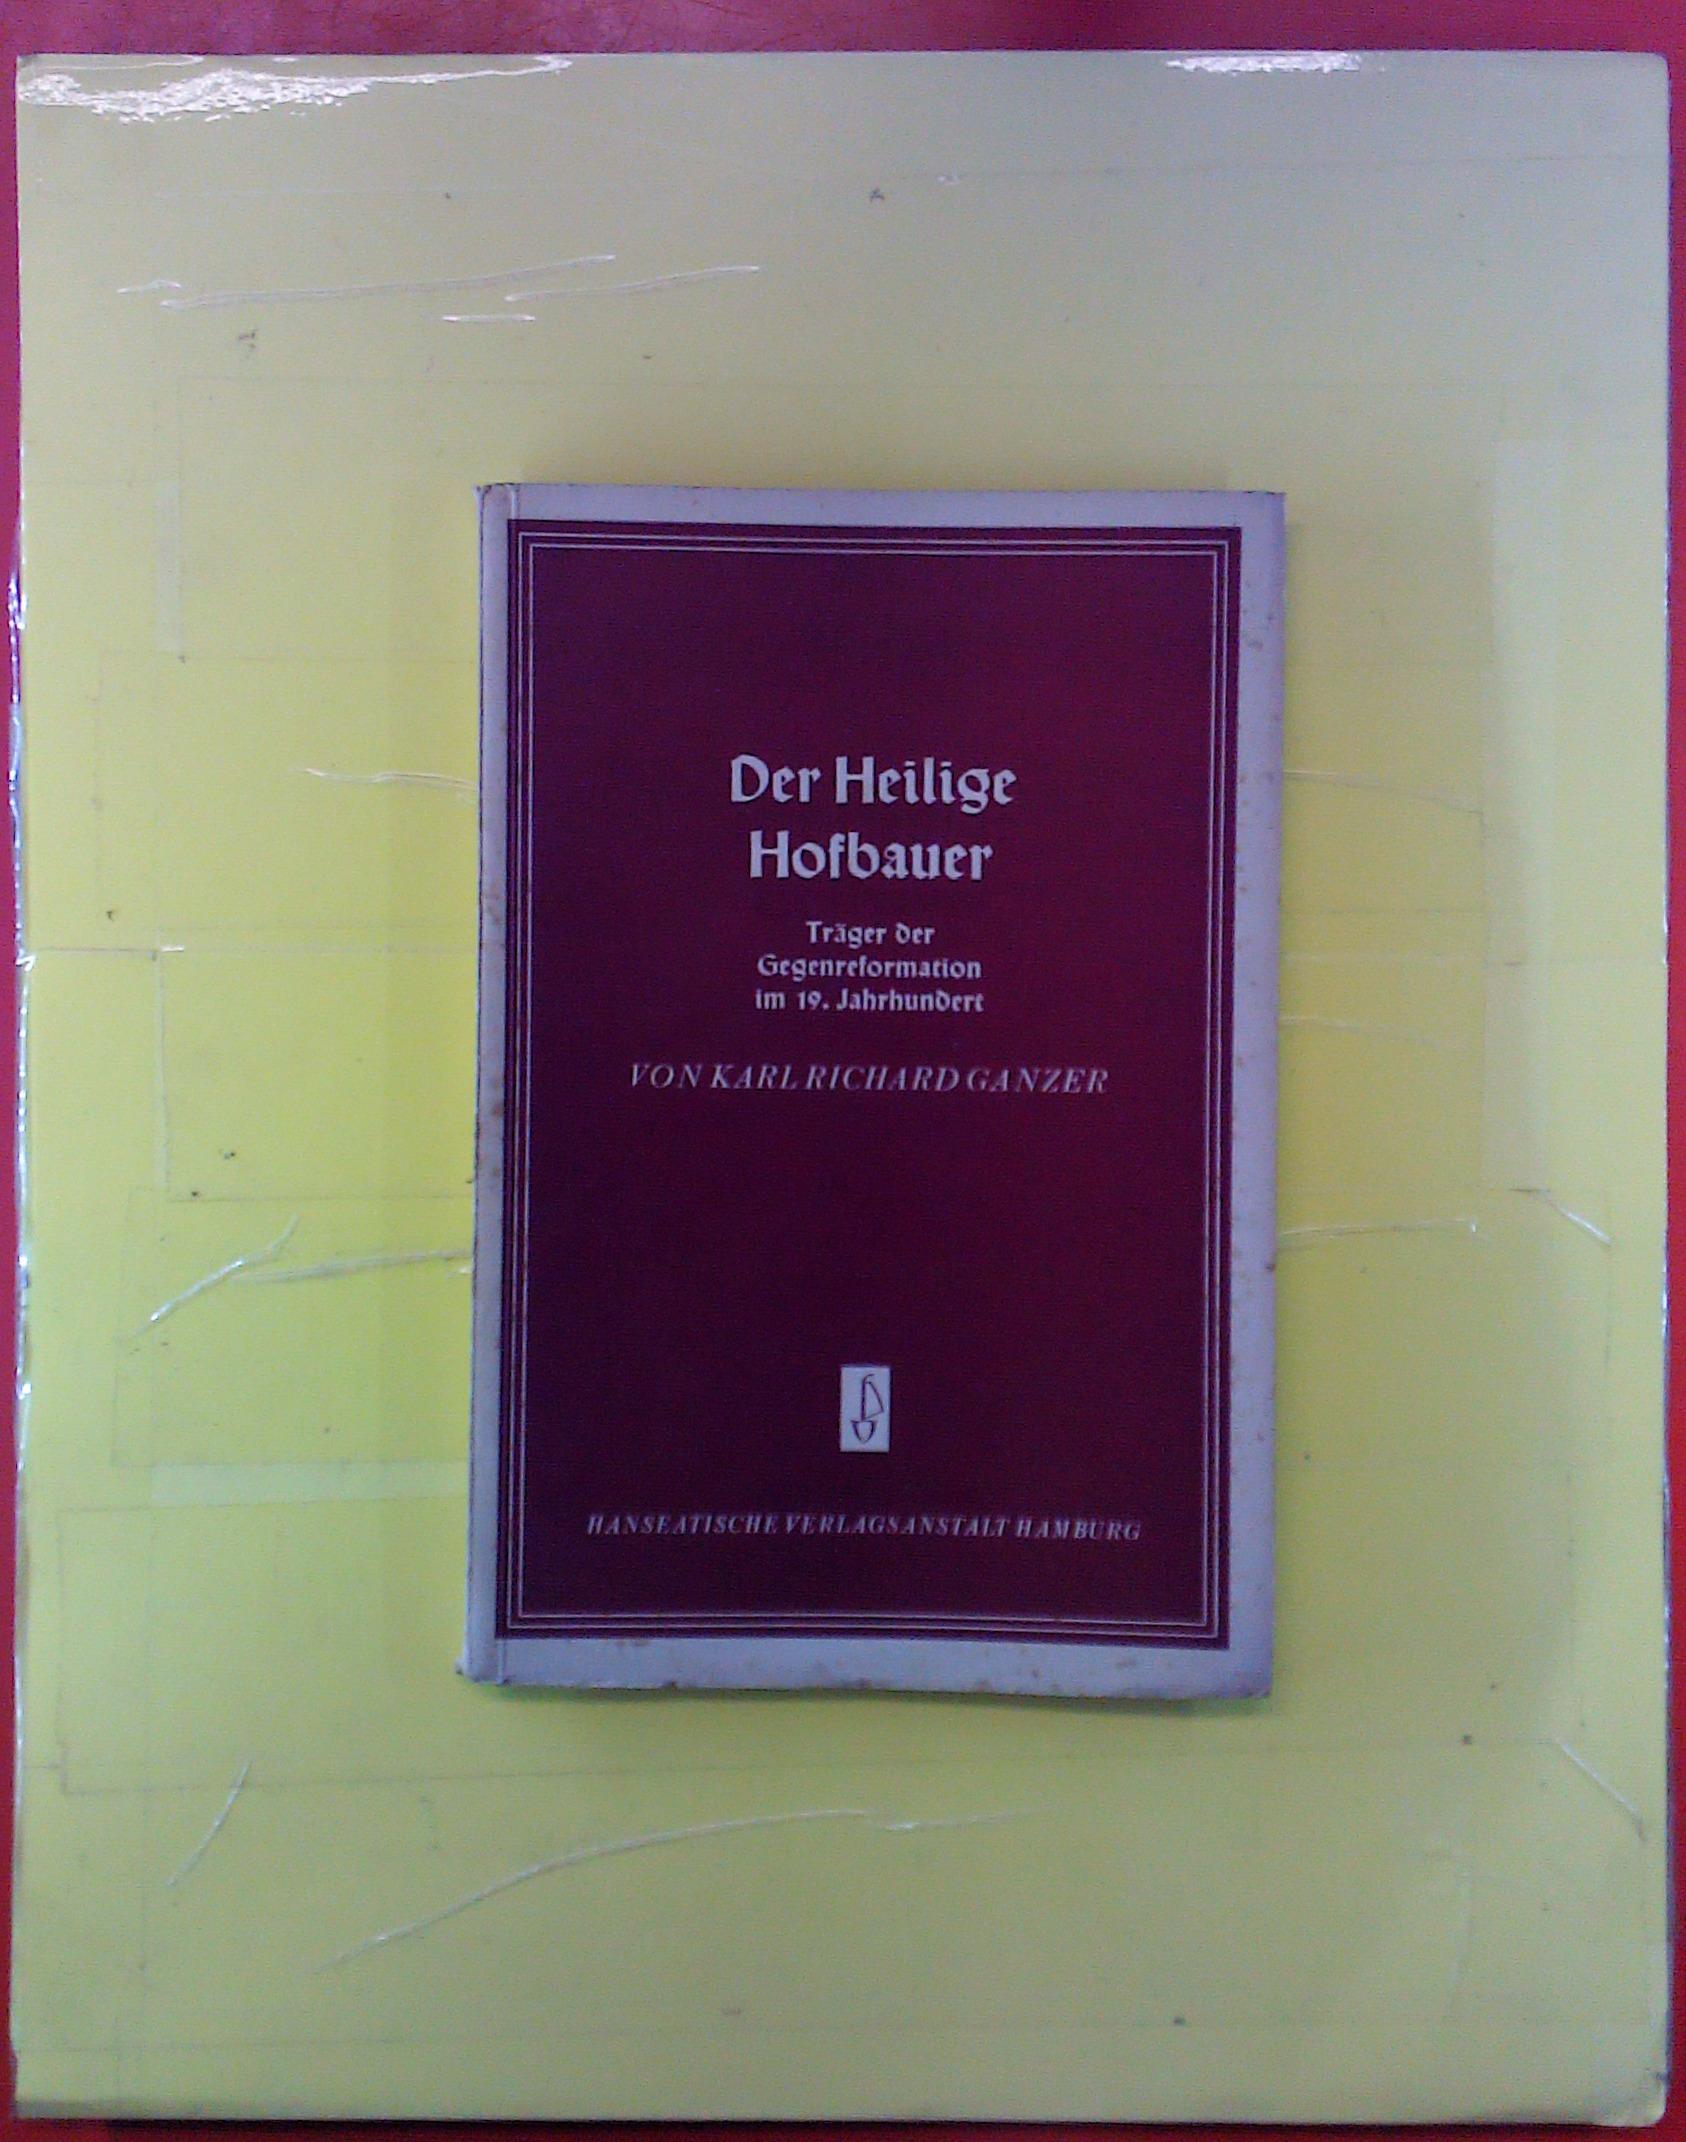 Der Heilige Hofbauer, Träger der Gegenreformation im: Karl Richard Ganzer